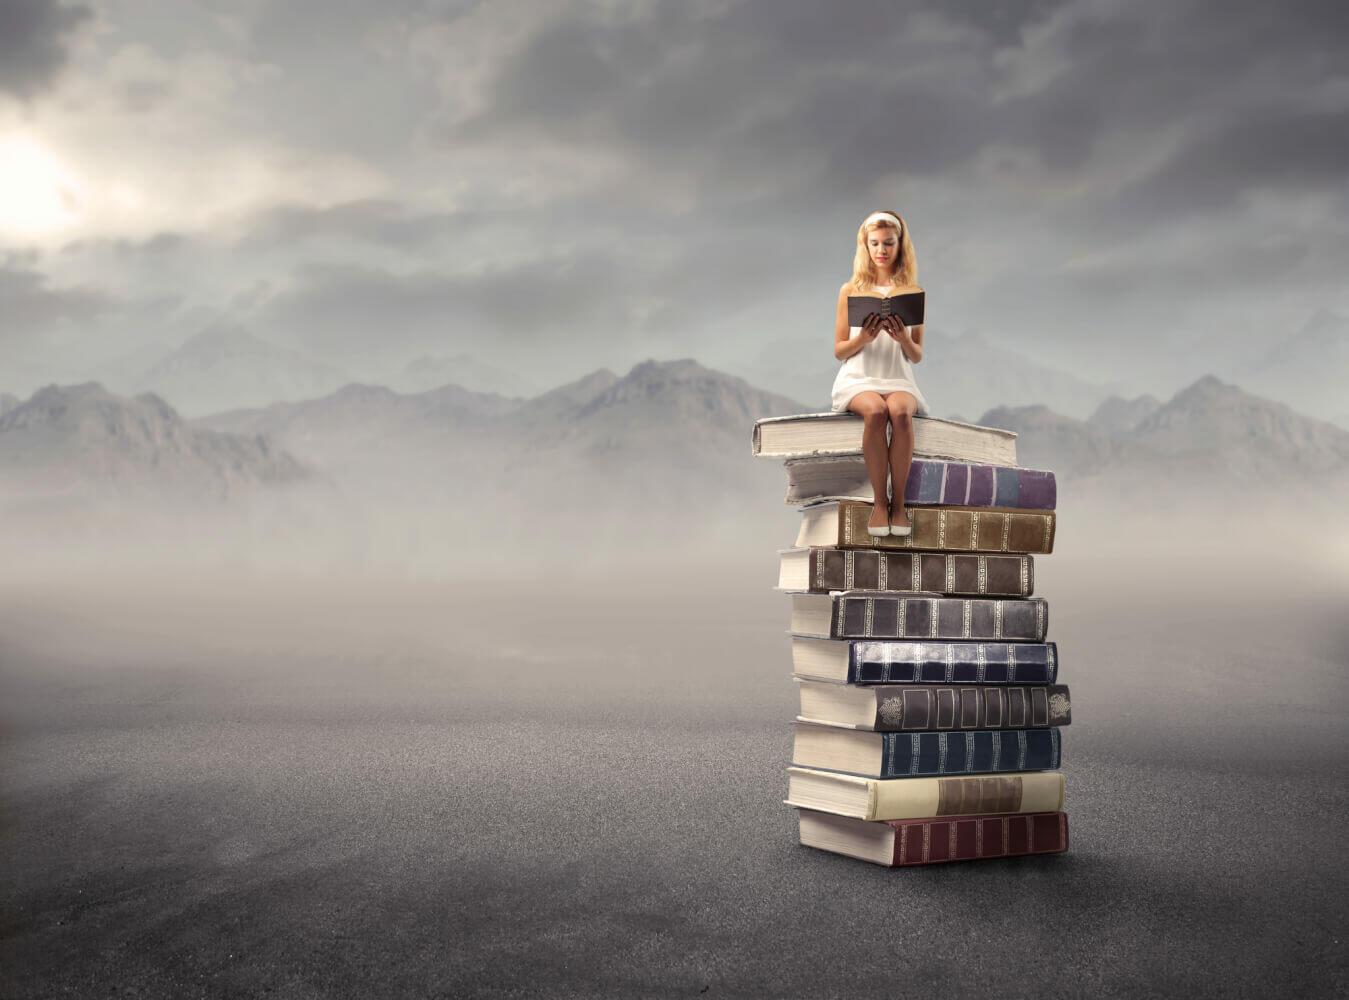 #я стала богаче на стихи — конкурсные находки